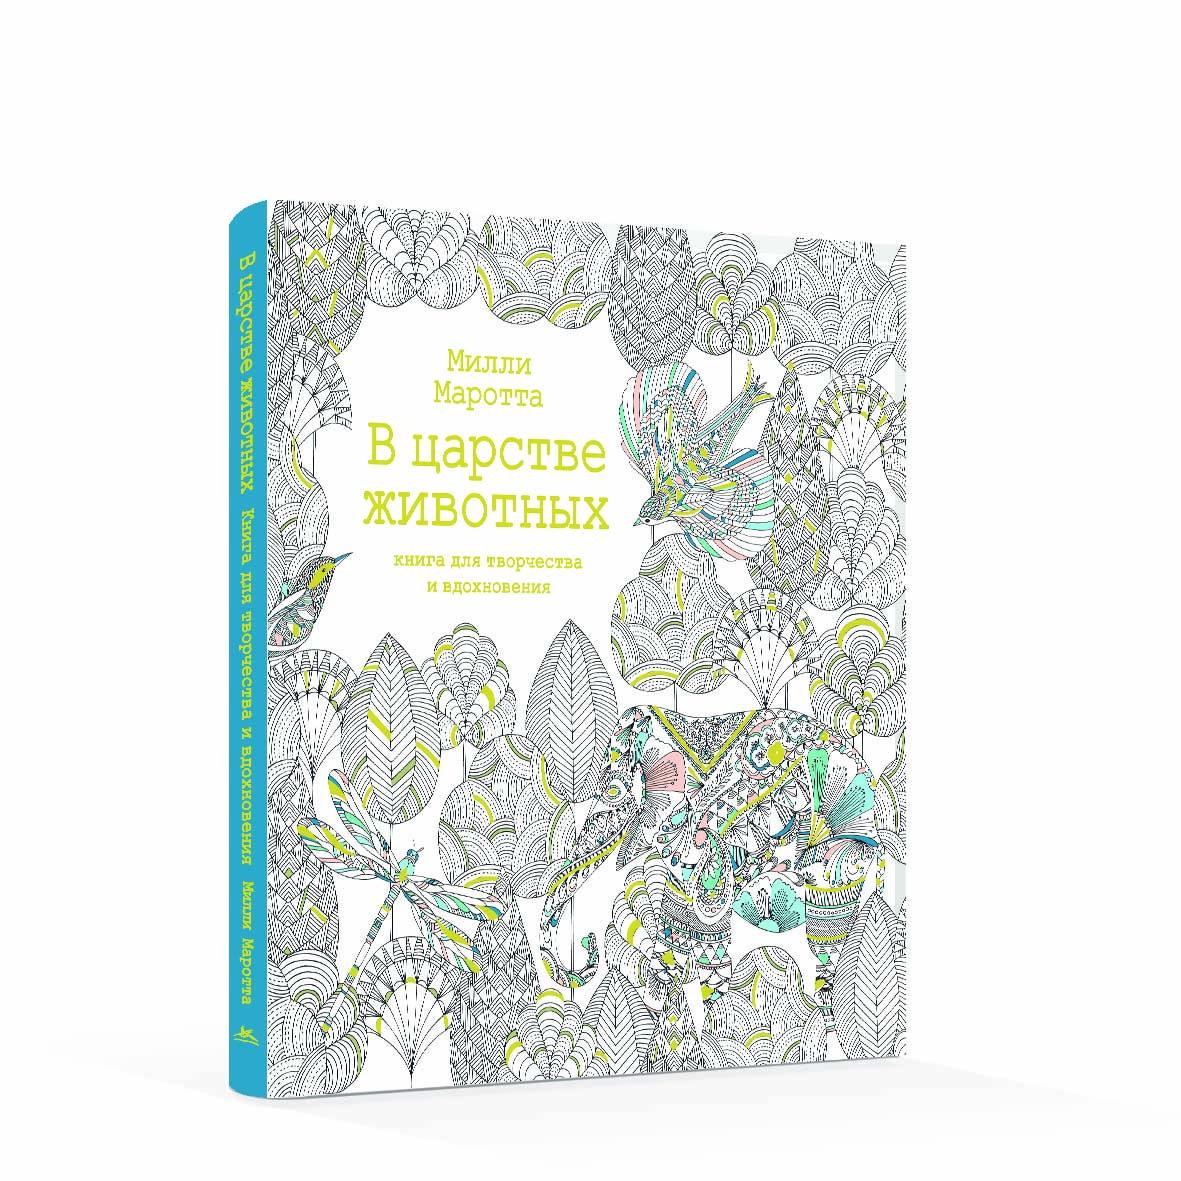 Милли Маротта В царстве животных. Книга для творчества и вдохновения гамак milli voyager двухместный purple